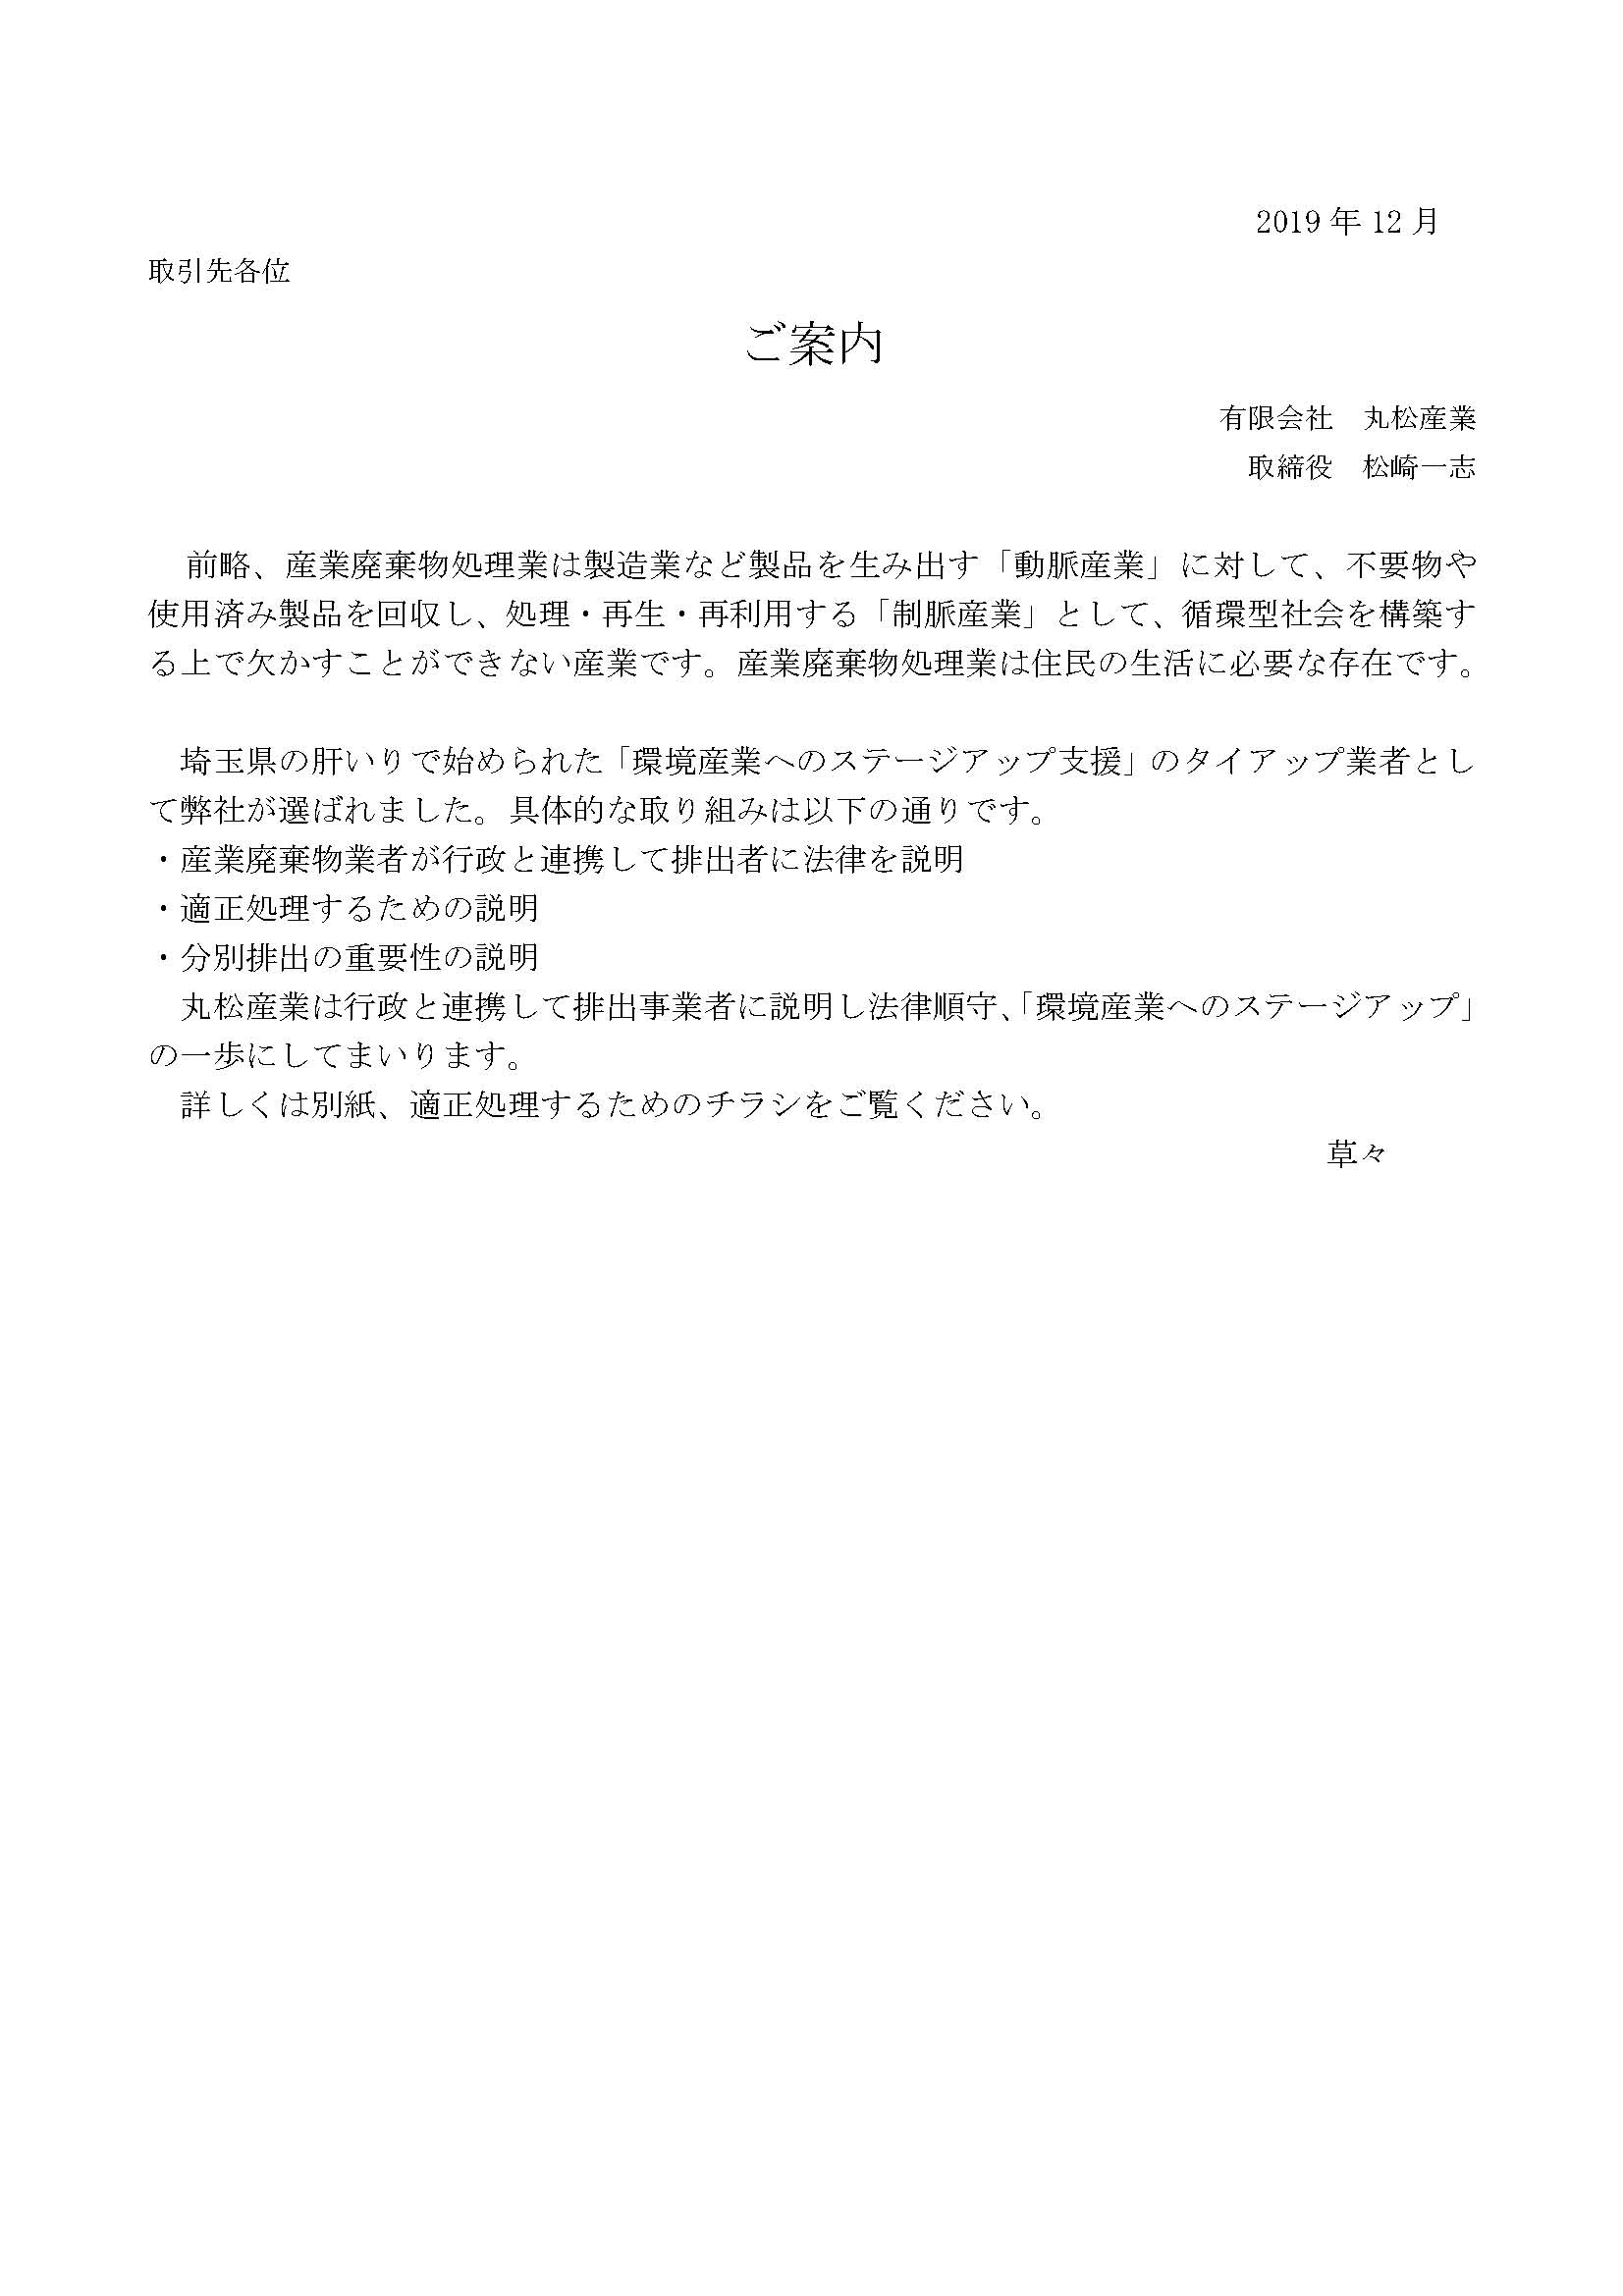 埼玉県の「環境産業へのステージアップ支援」タイアップ業者とし て弊社が選ばれました。